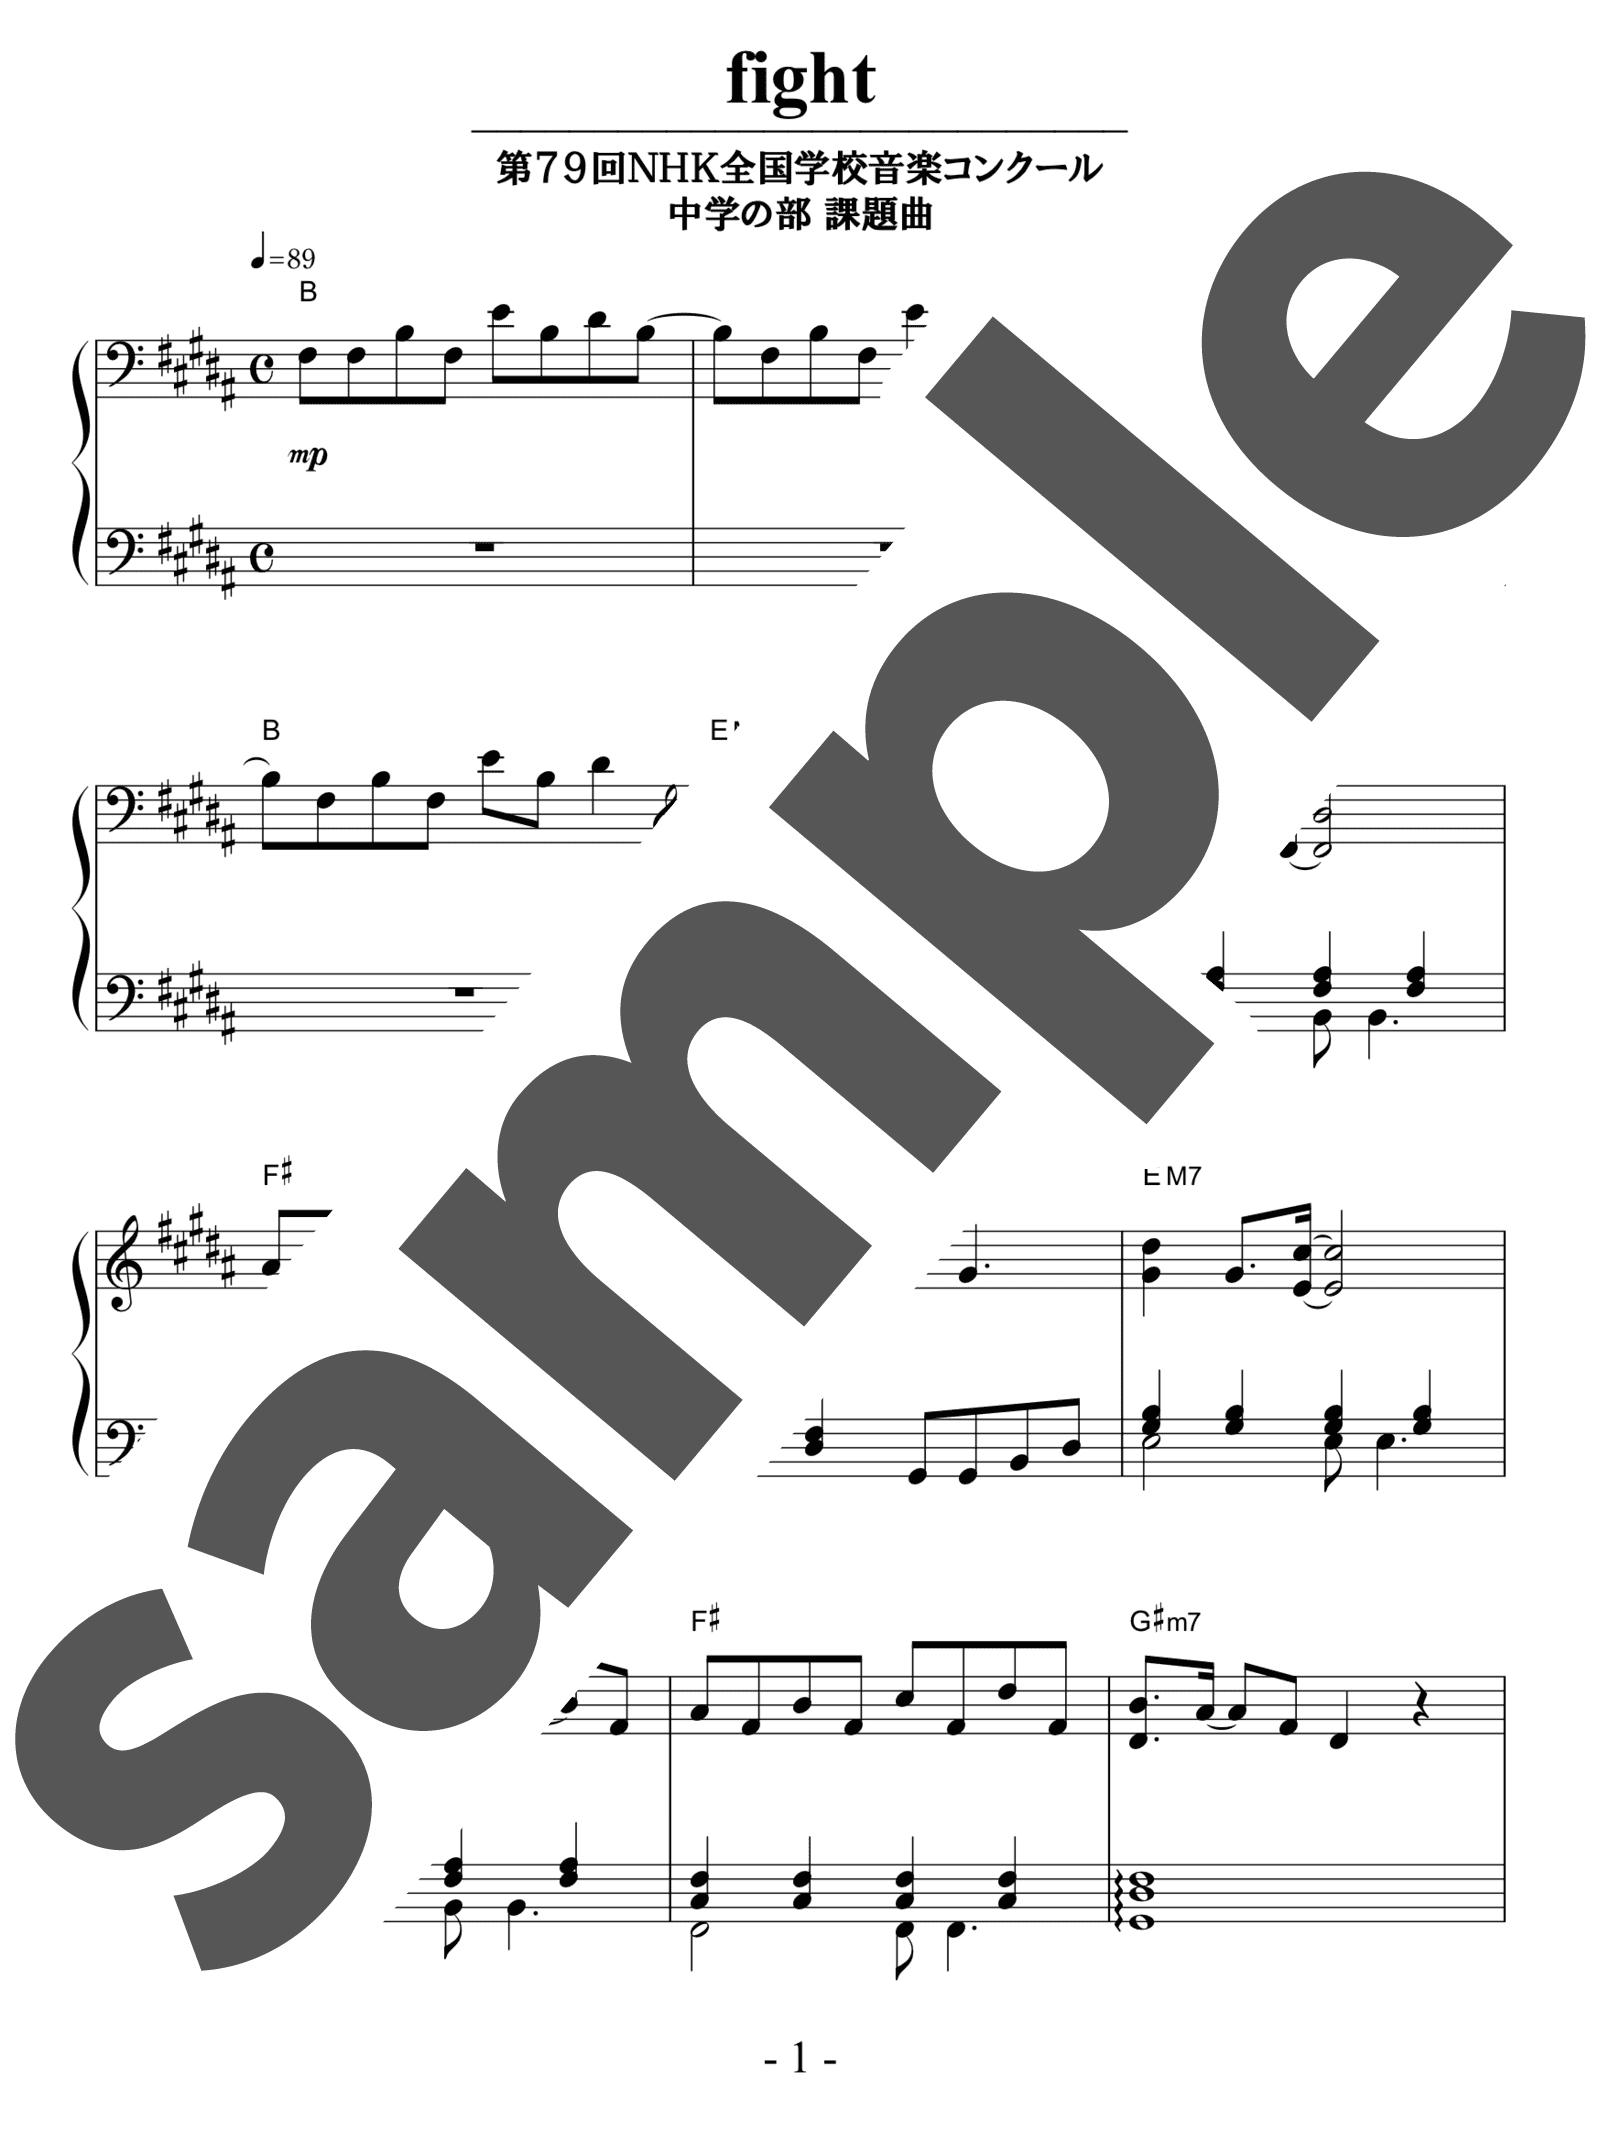 「fight」のサンプル楽譜